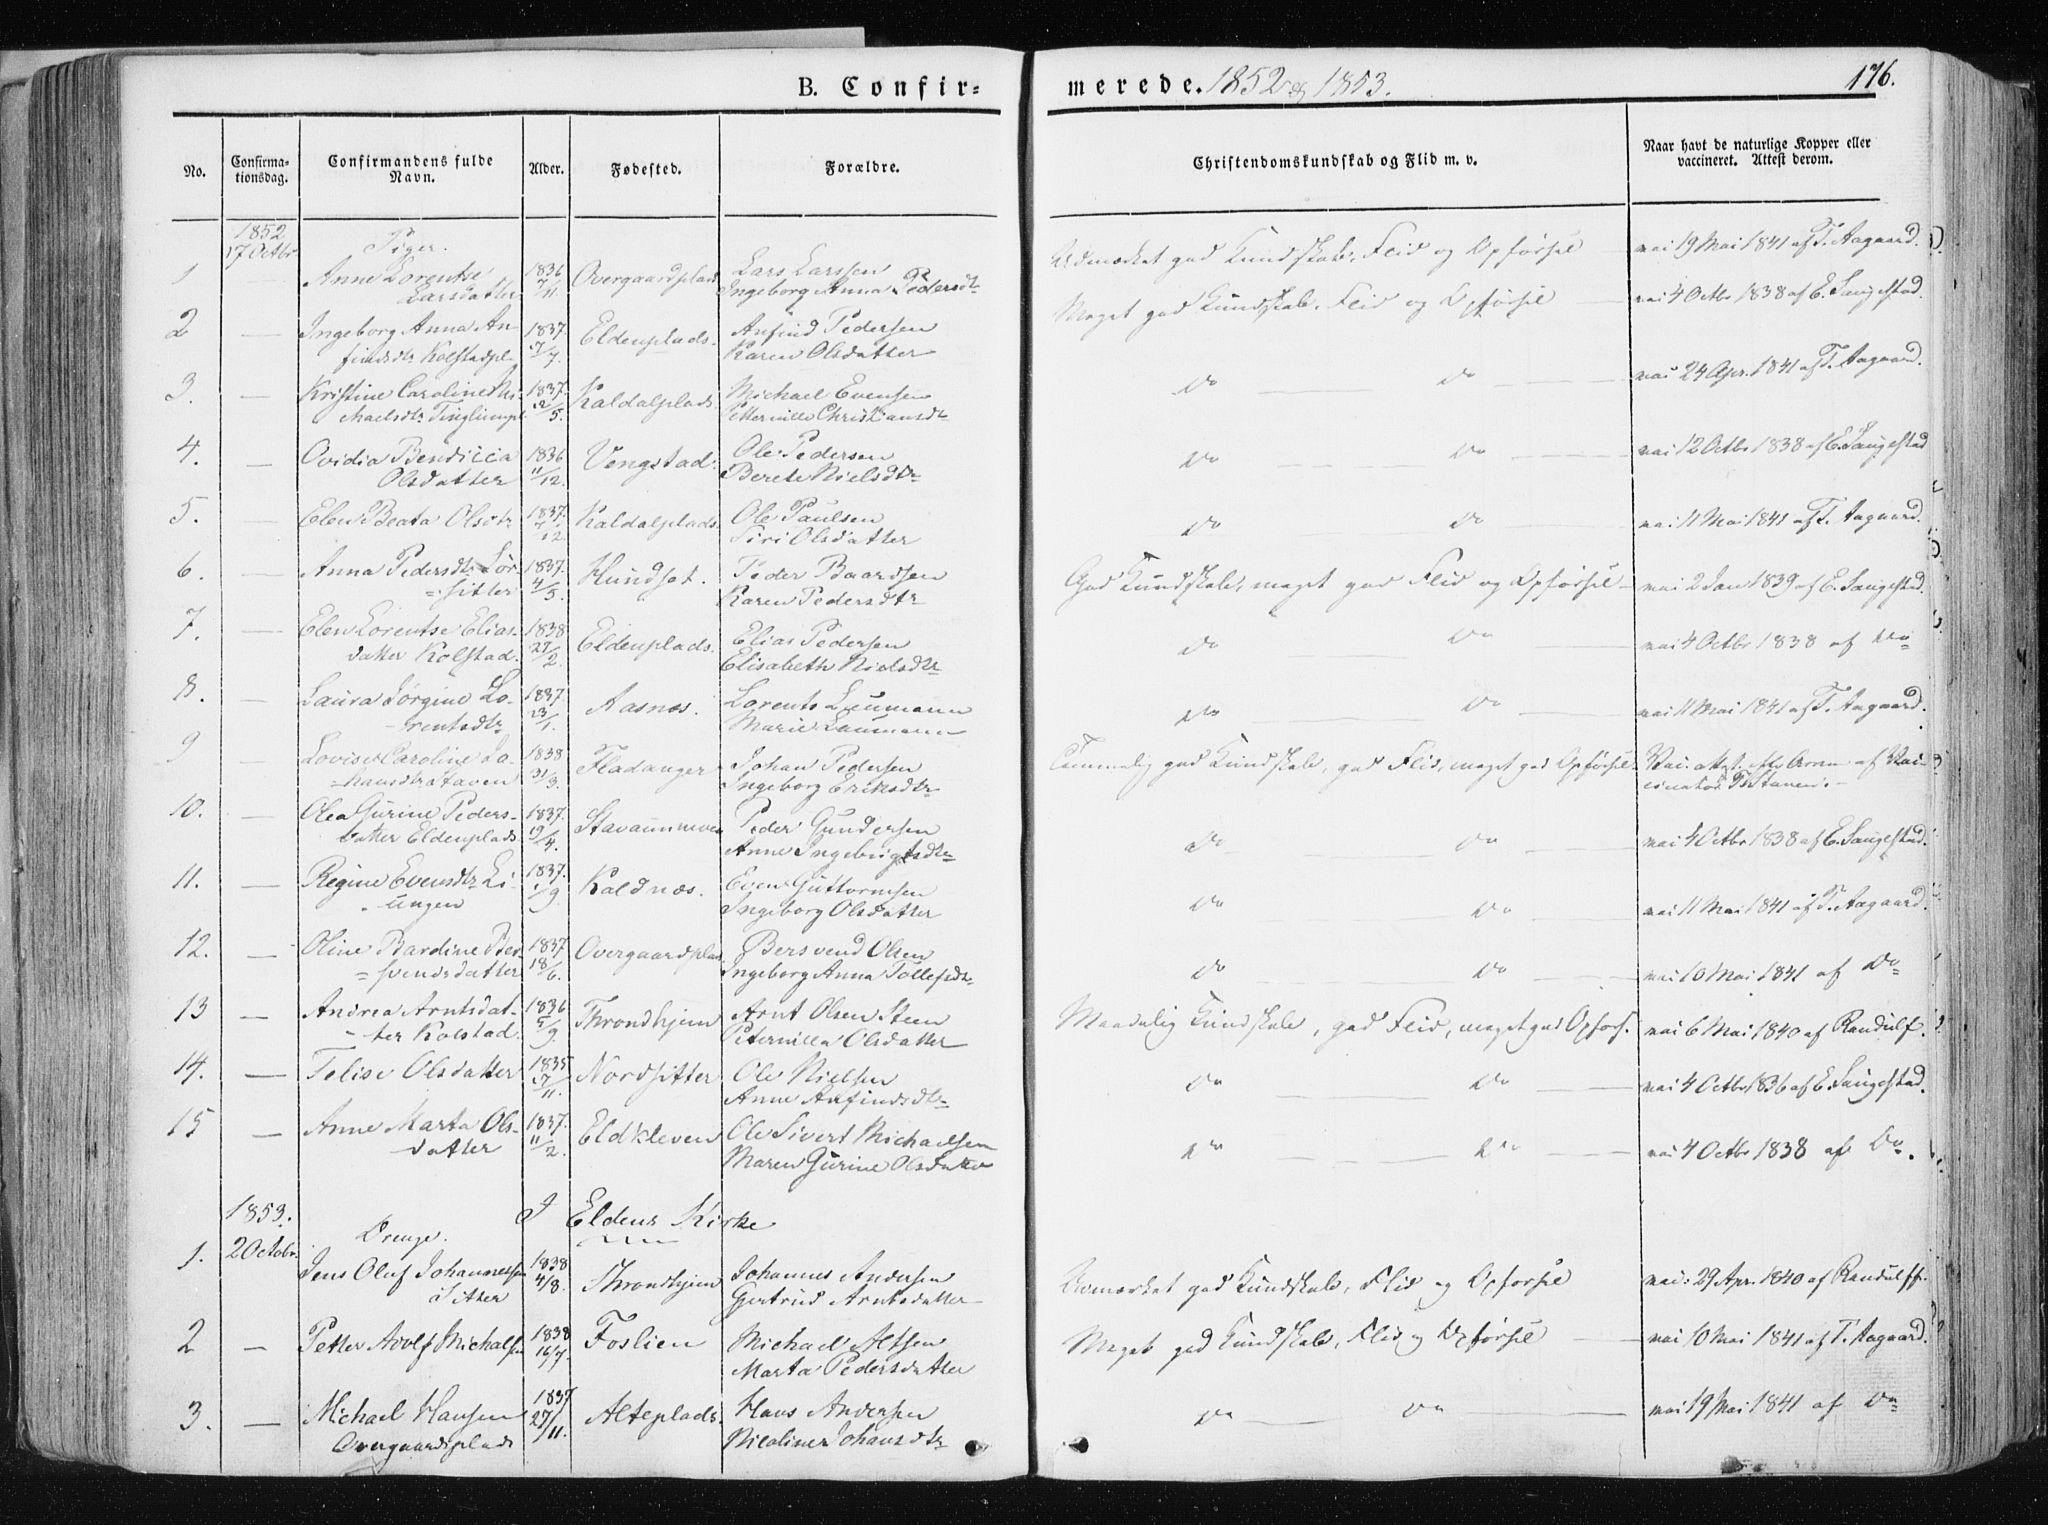 SAT, Ministerialprotokoller, klokkerbøker og fødselsregistre - Nord-Trøndelag, 741/L0393: Ministerialbok nr. 741A07, 1849-1863, s. 176